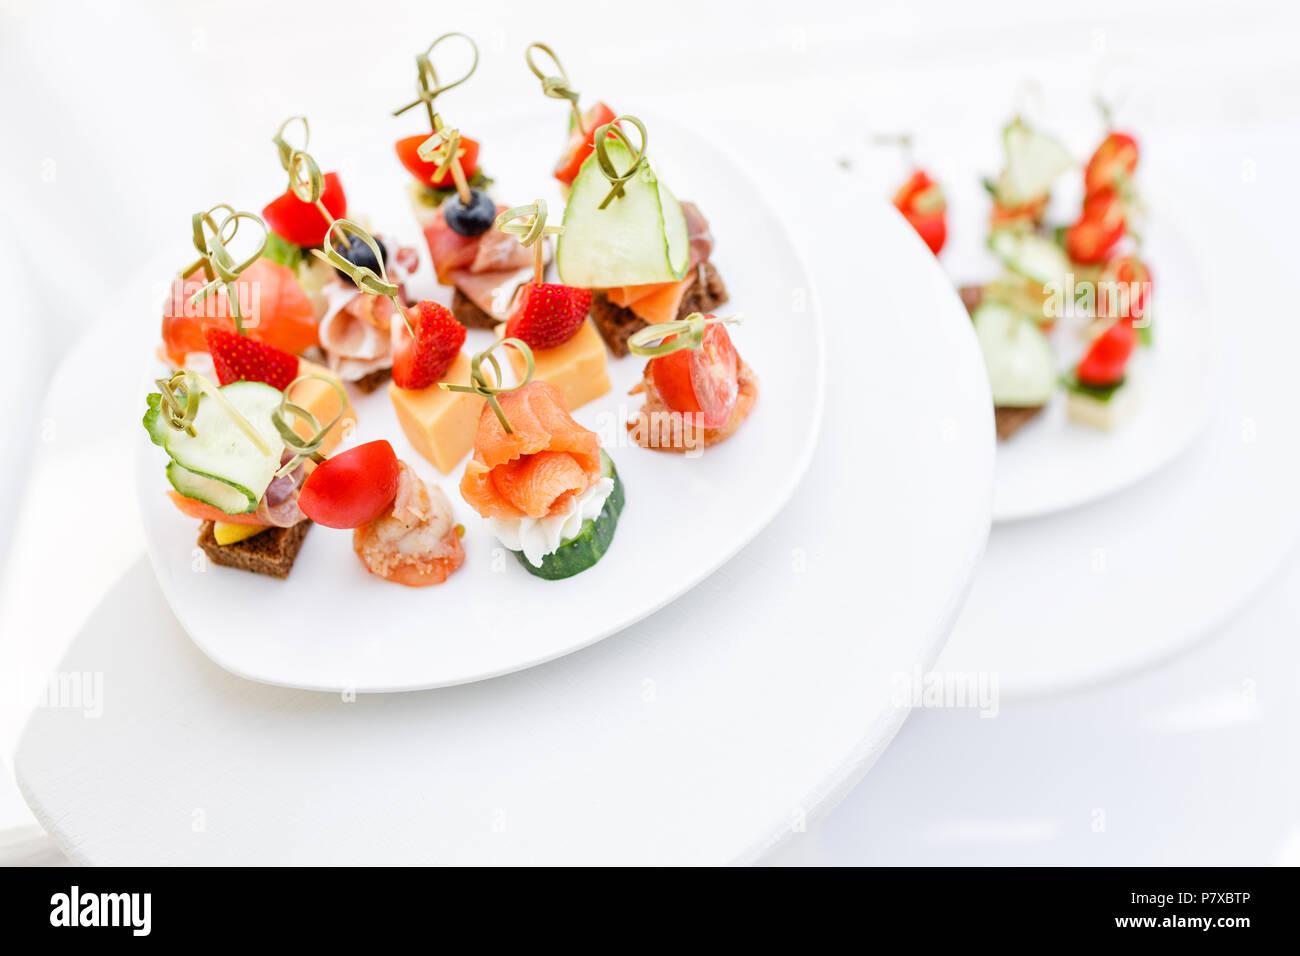 Sortiment von kanapees. Bankett Service im Restaurant. Catering Essen, Snacks auf weiße Platte Stockbild